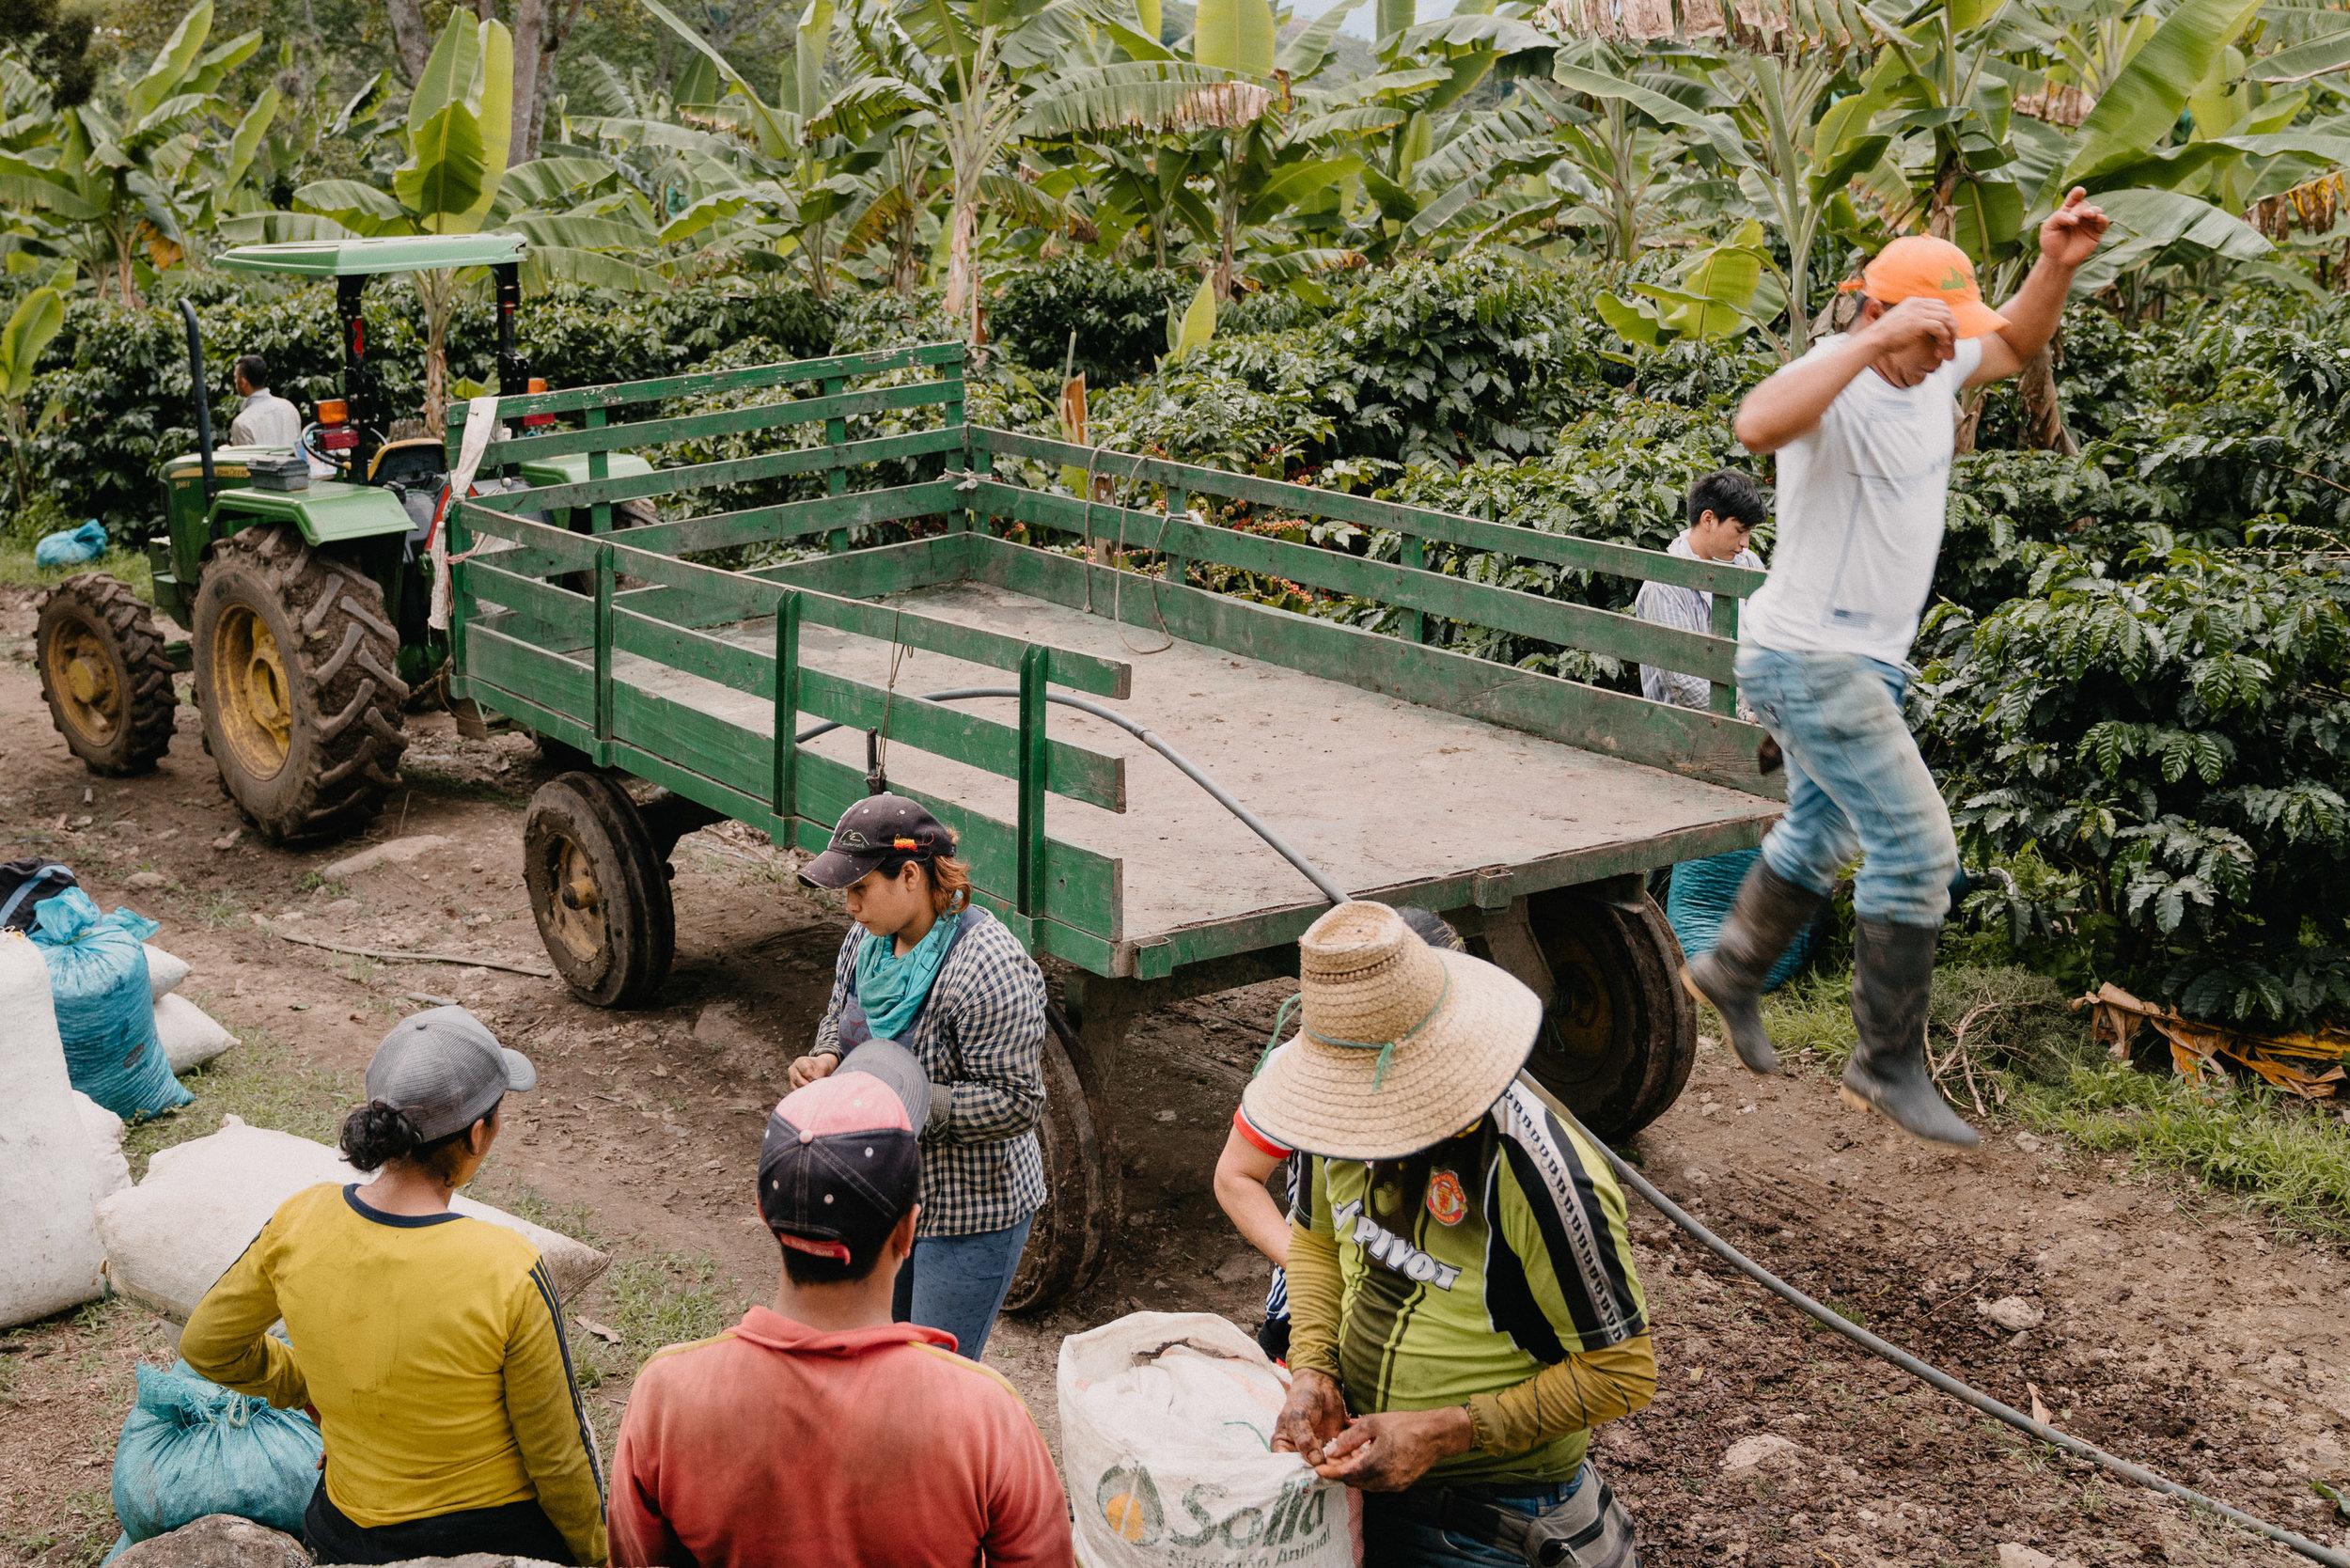 Emanuel-Hahn-Colombia-Coffee-Farmers-Huila-Manizales-Pagpropina-21.jpg